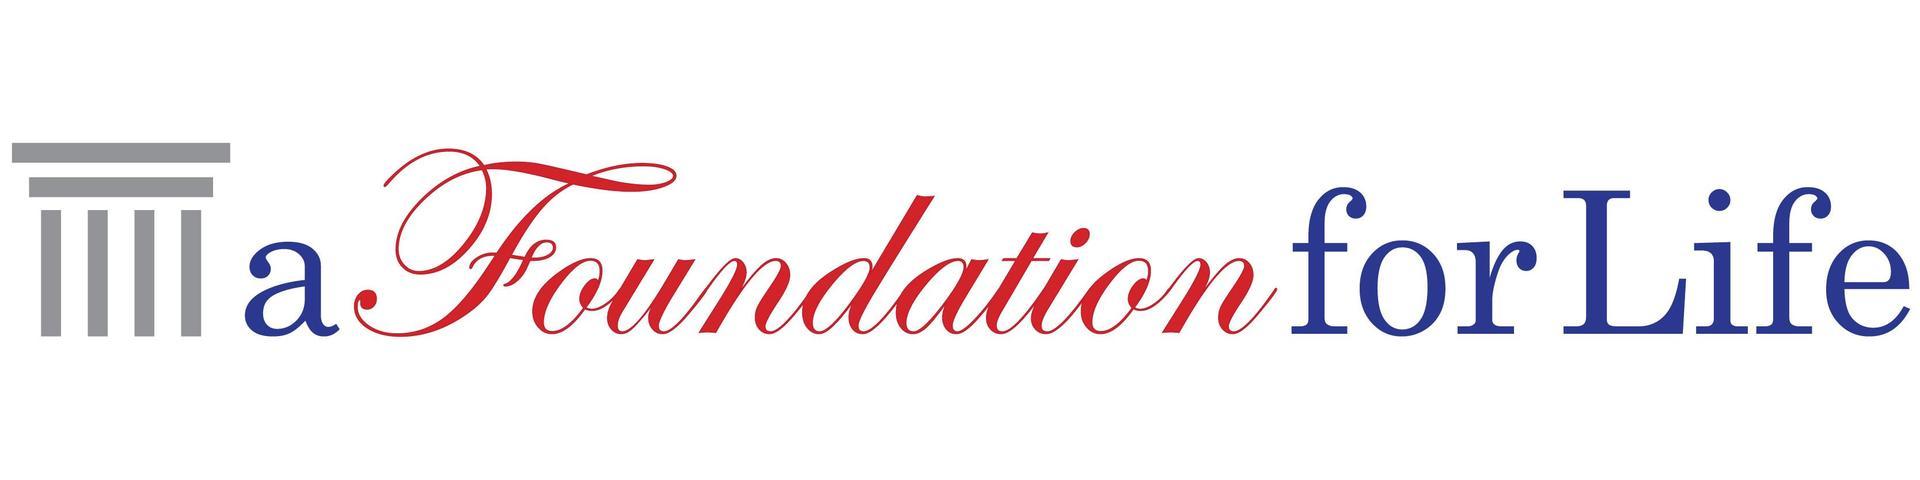 a Foundation for Life logo